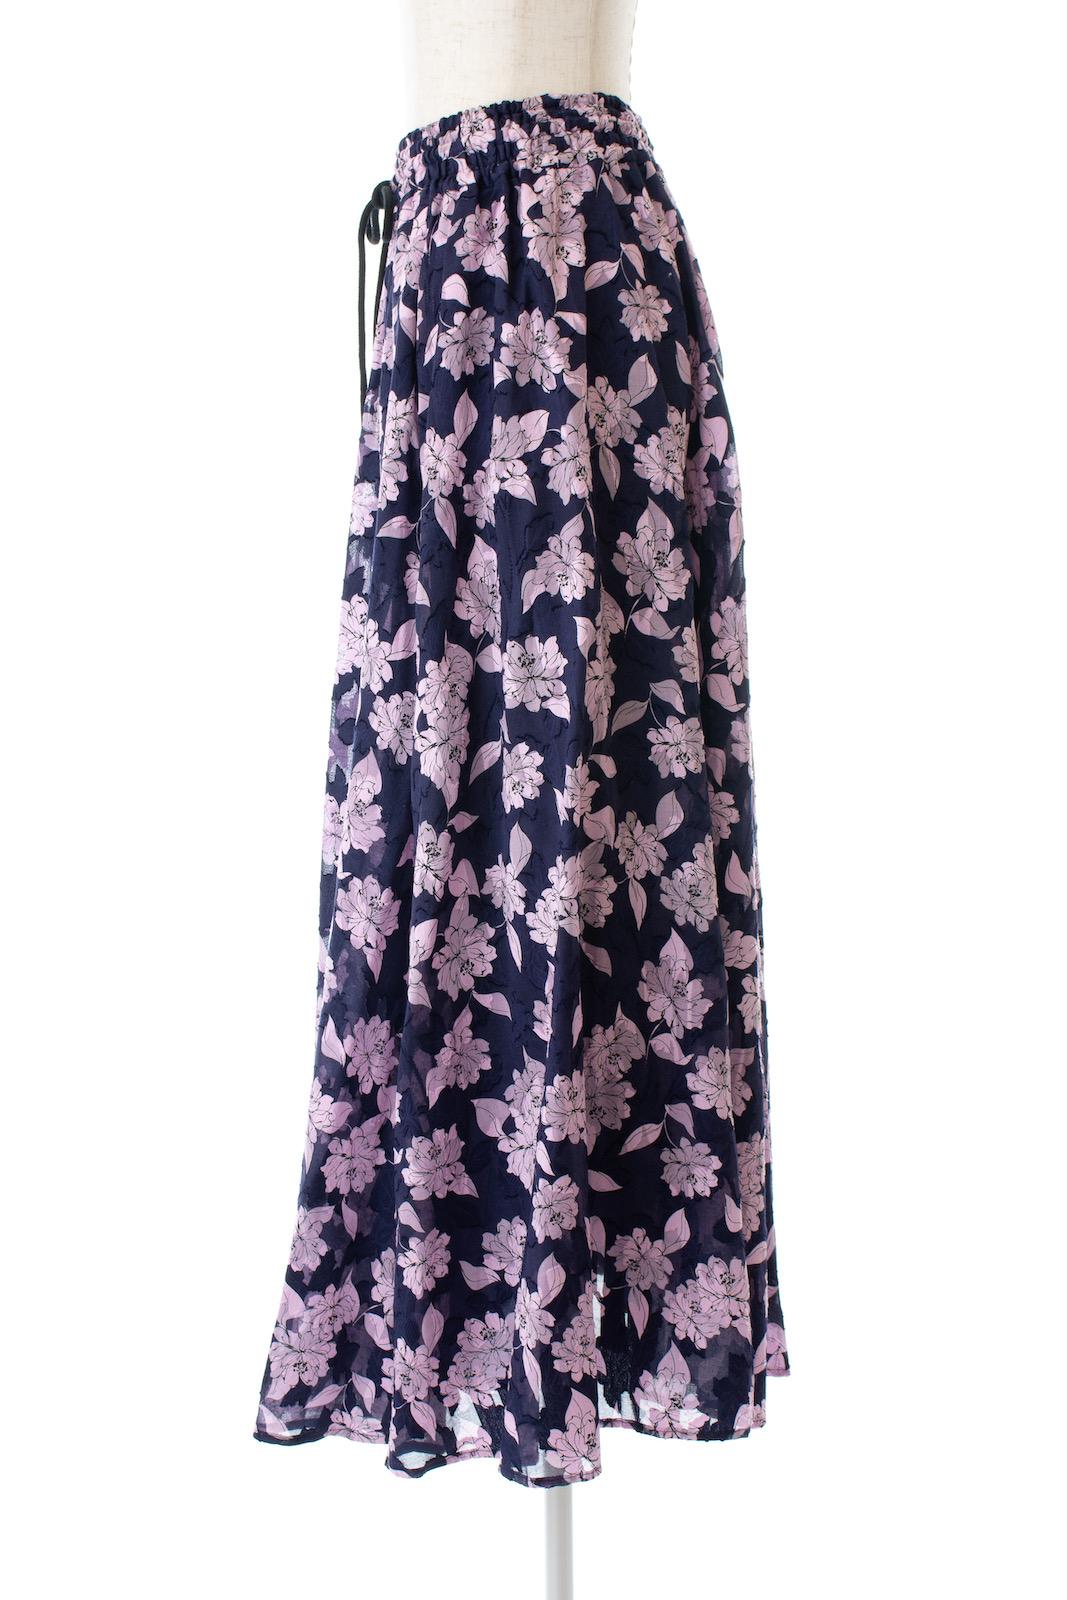 フラワーギャザースカート/ネイビー